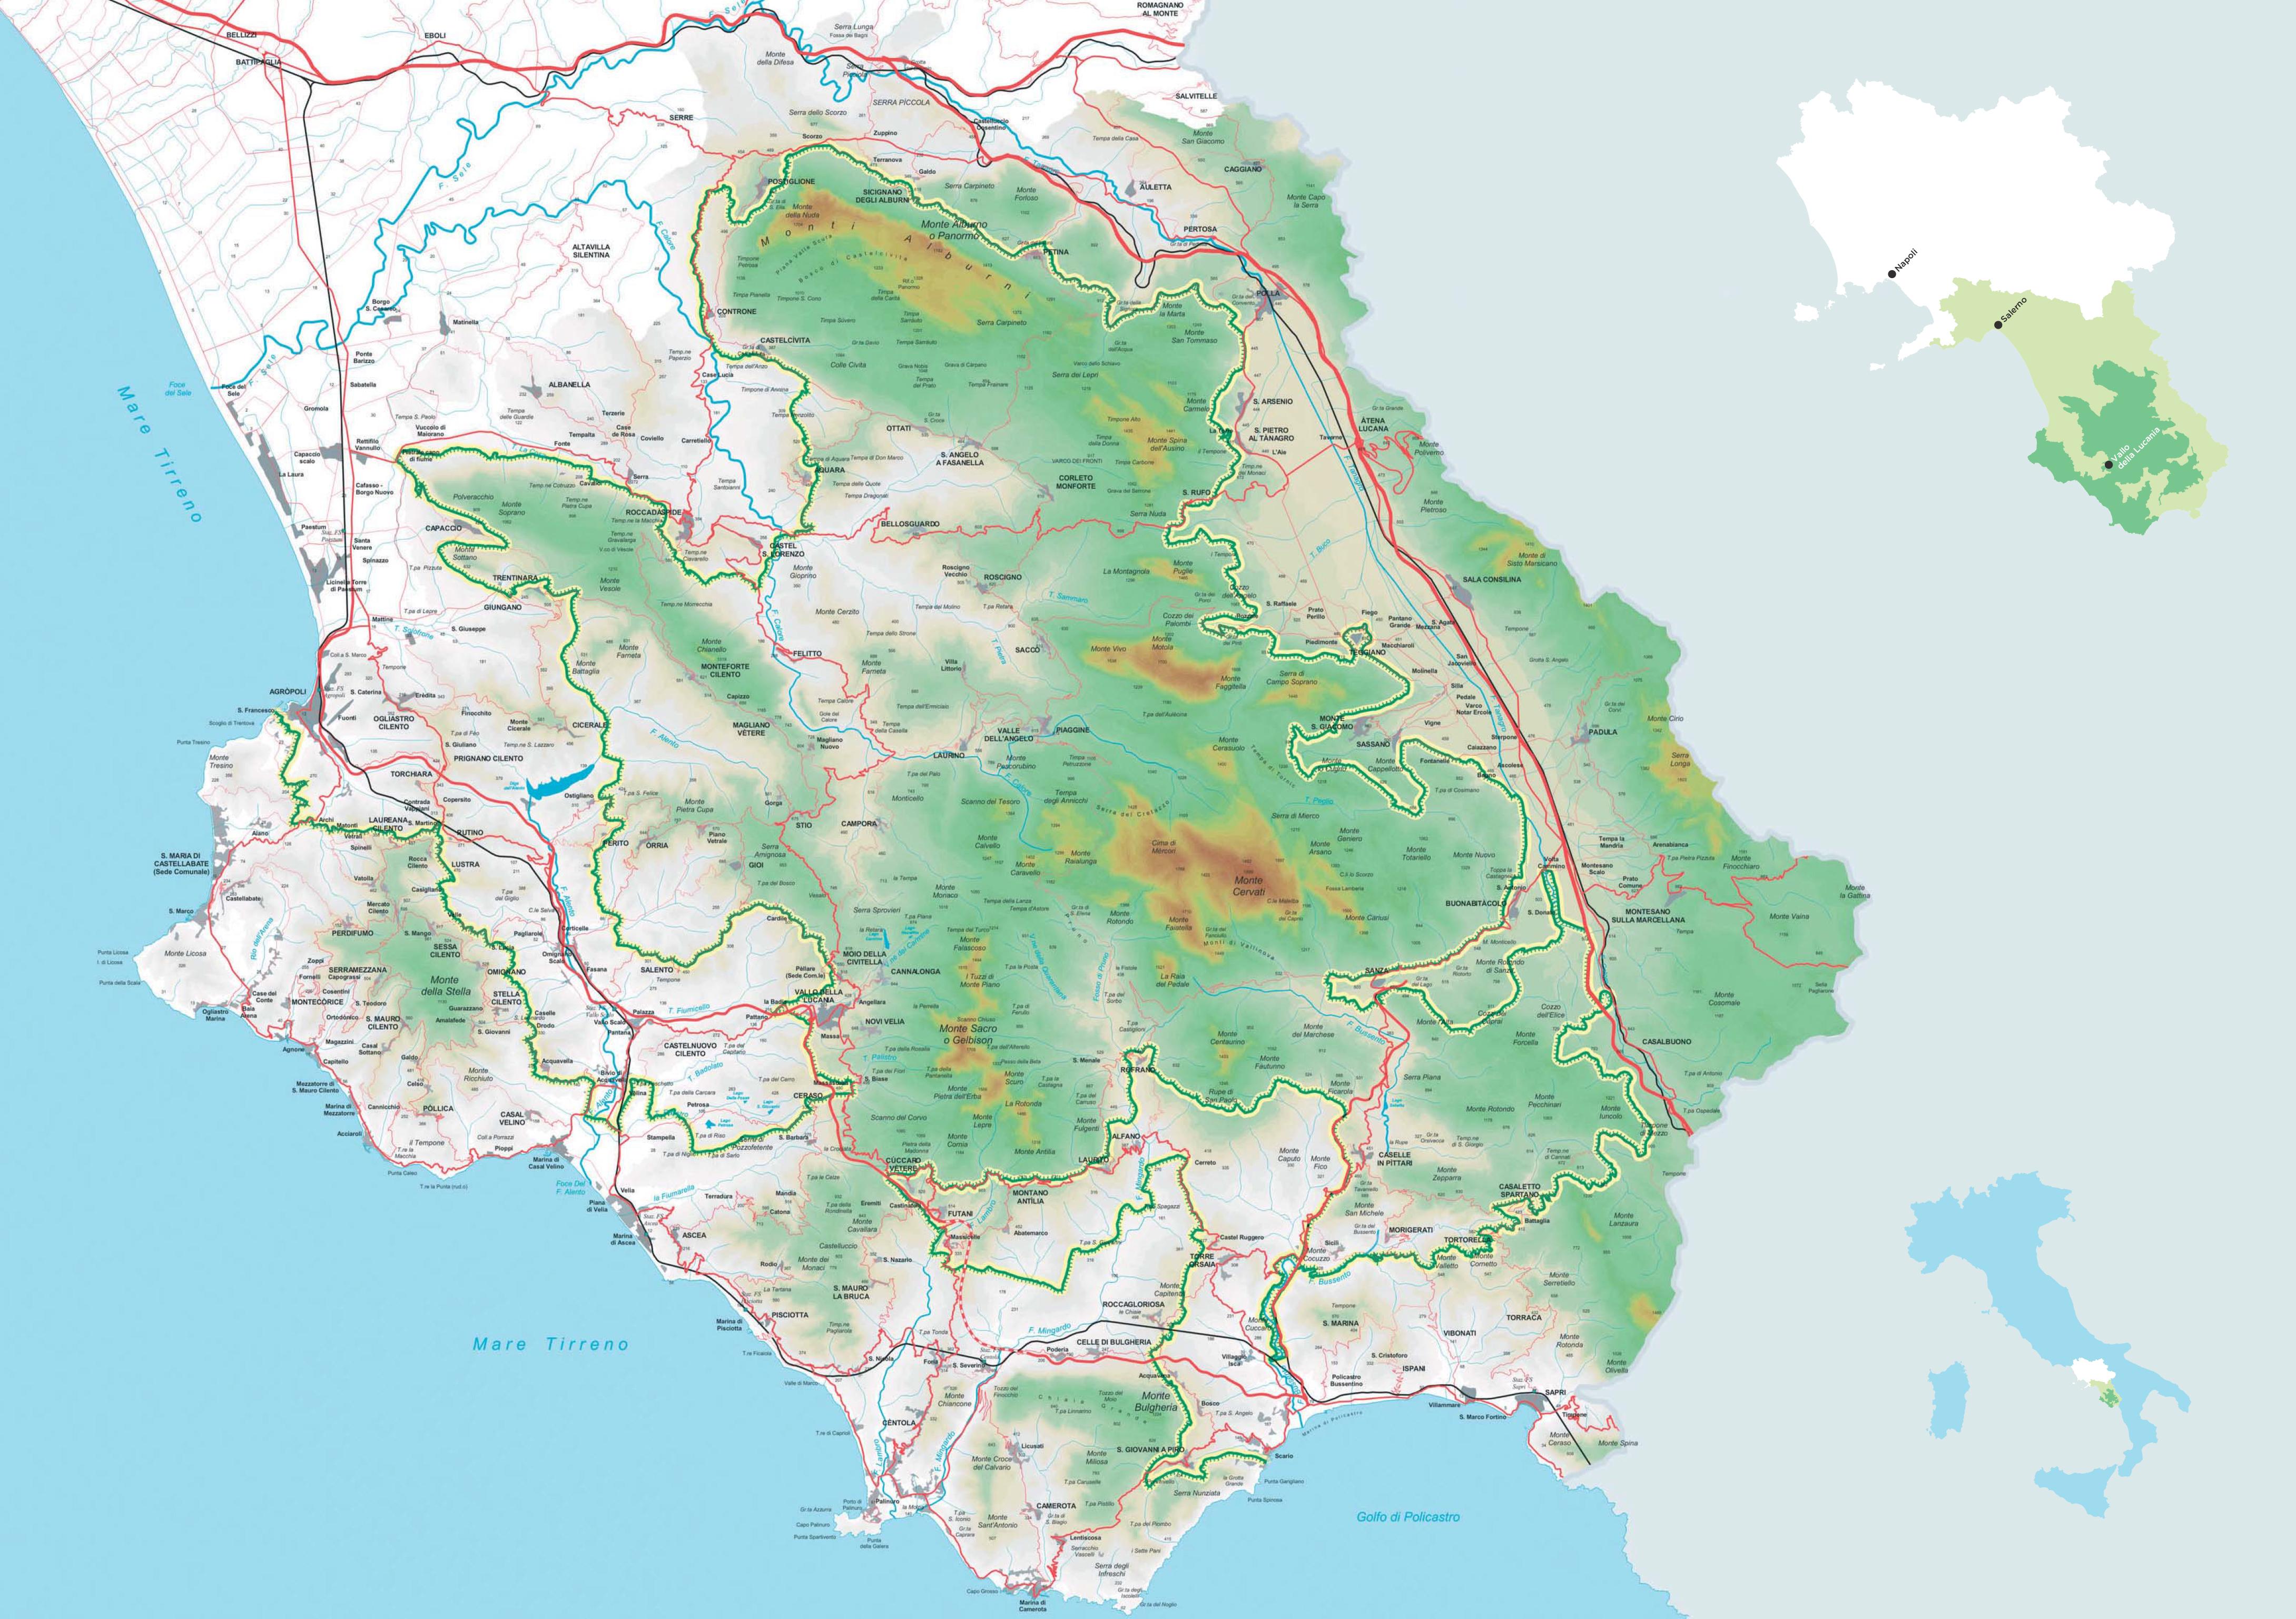 Cartina Geografica Politica Campania.Cilento On The Road Mappa Del Territorio